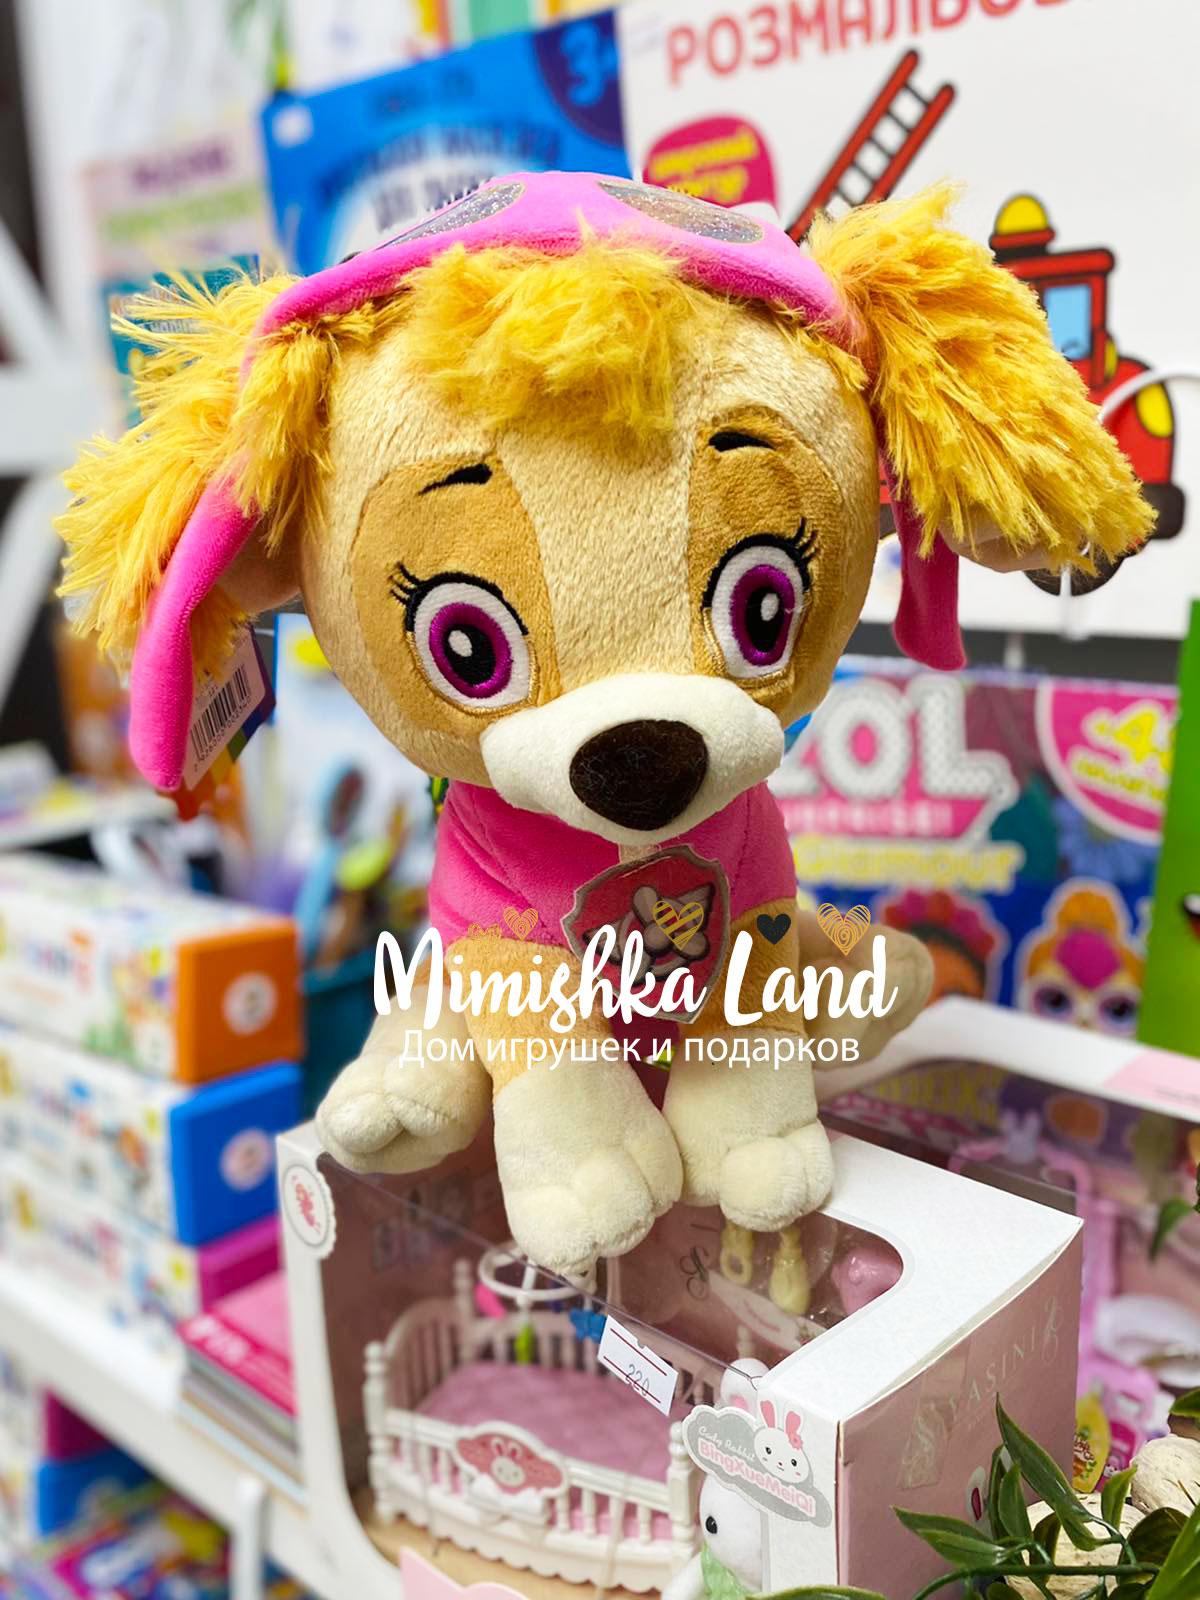 Витрина магазина: Мягкая игрушка Скай Щенячий патруль (аналог) 25 см